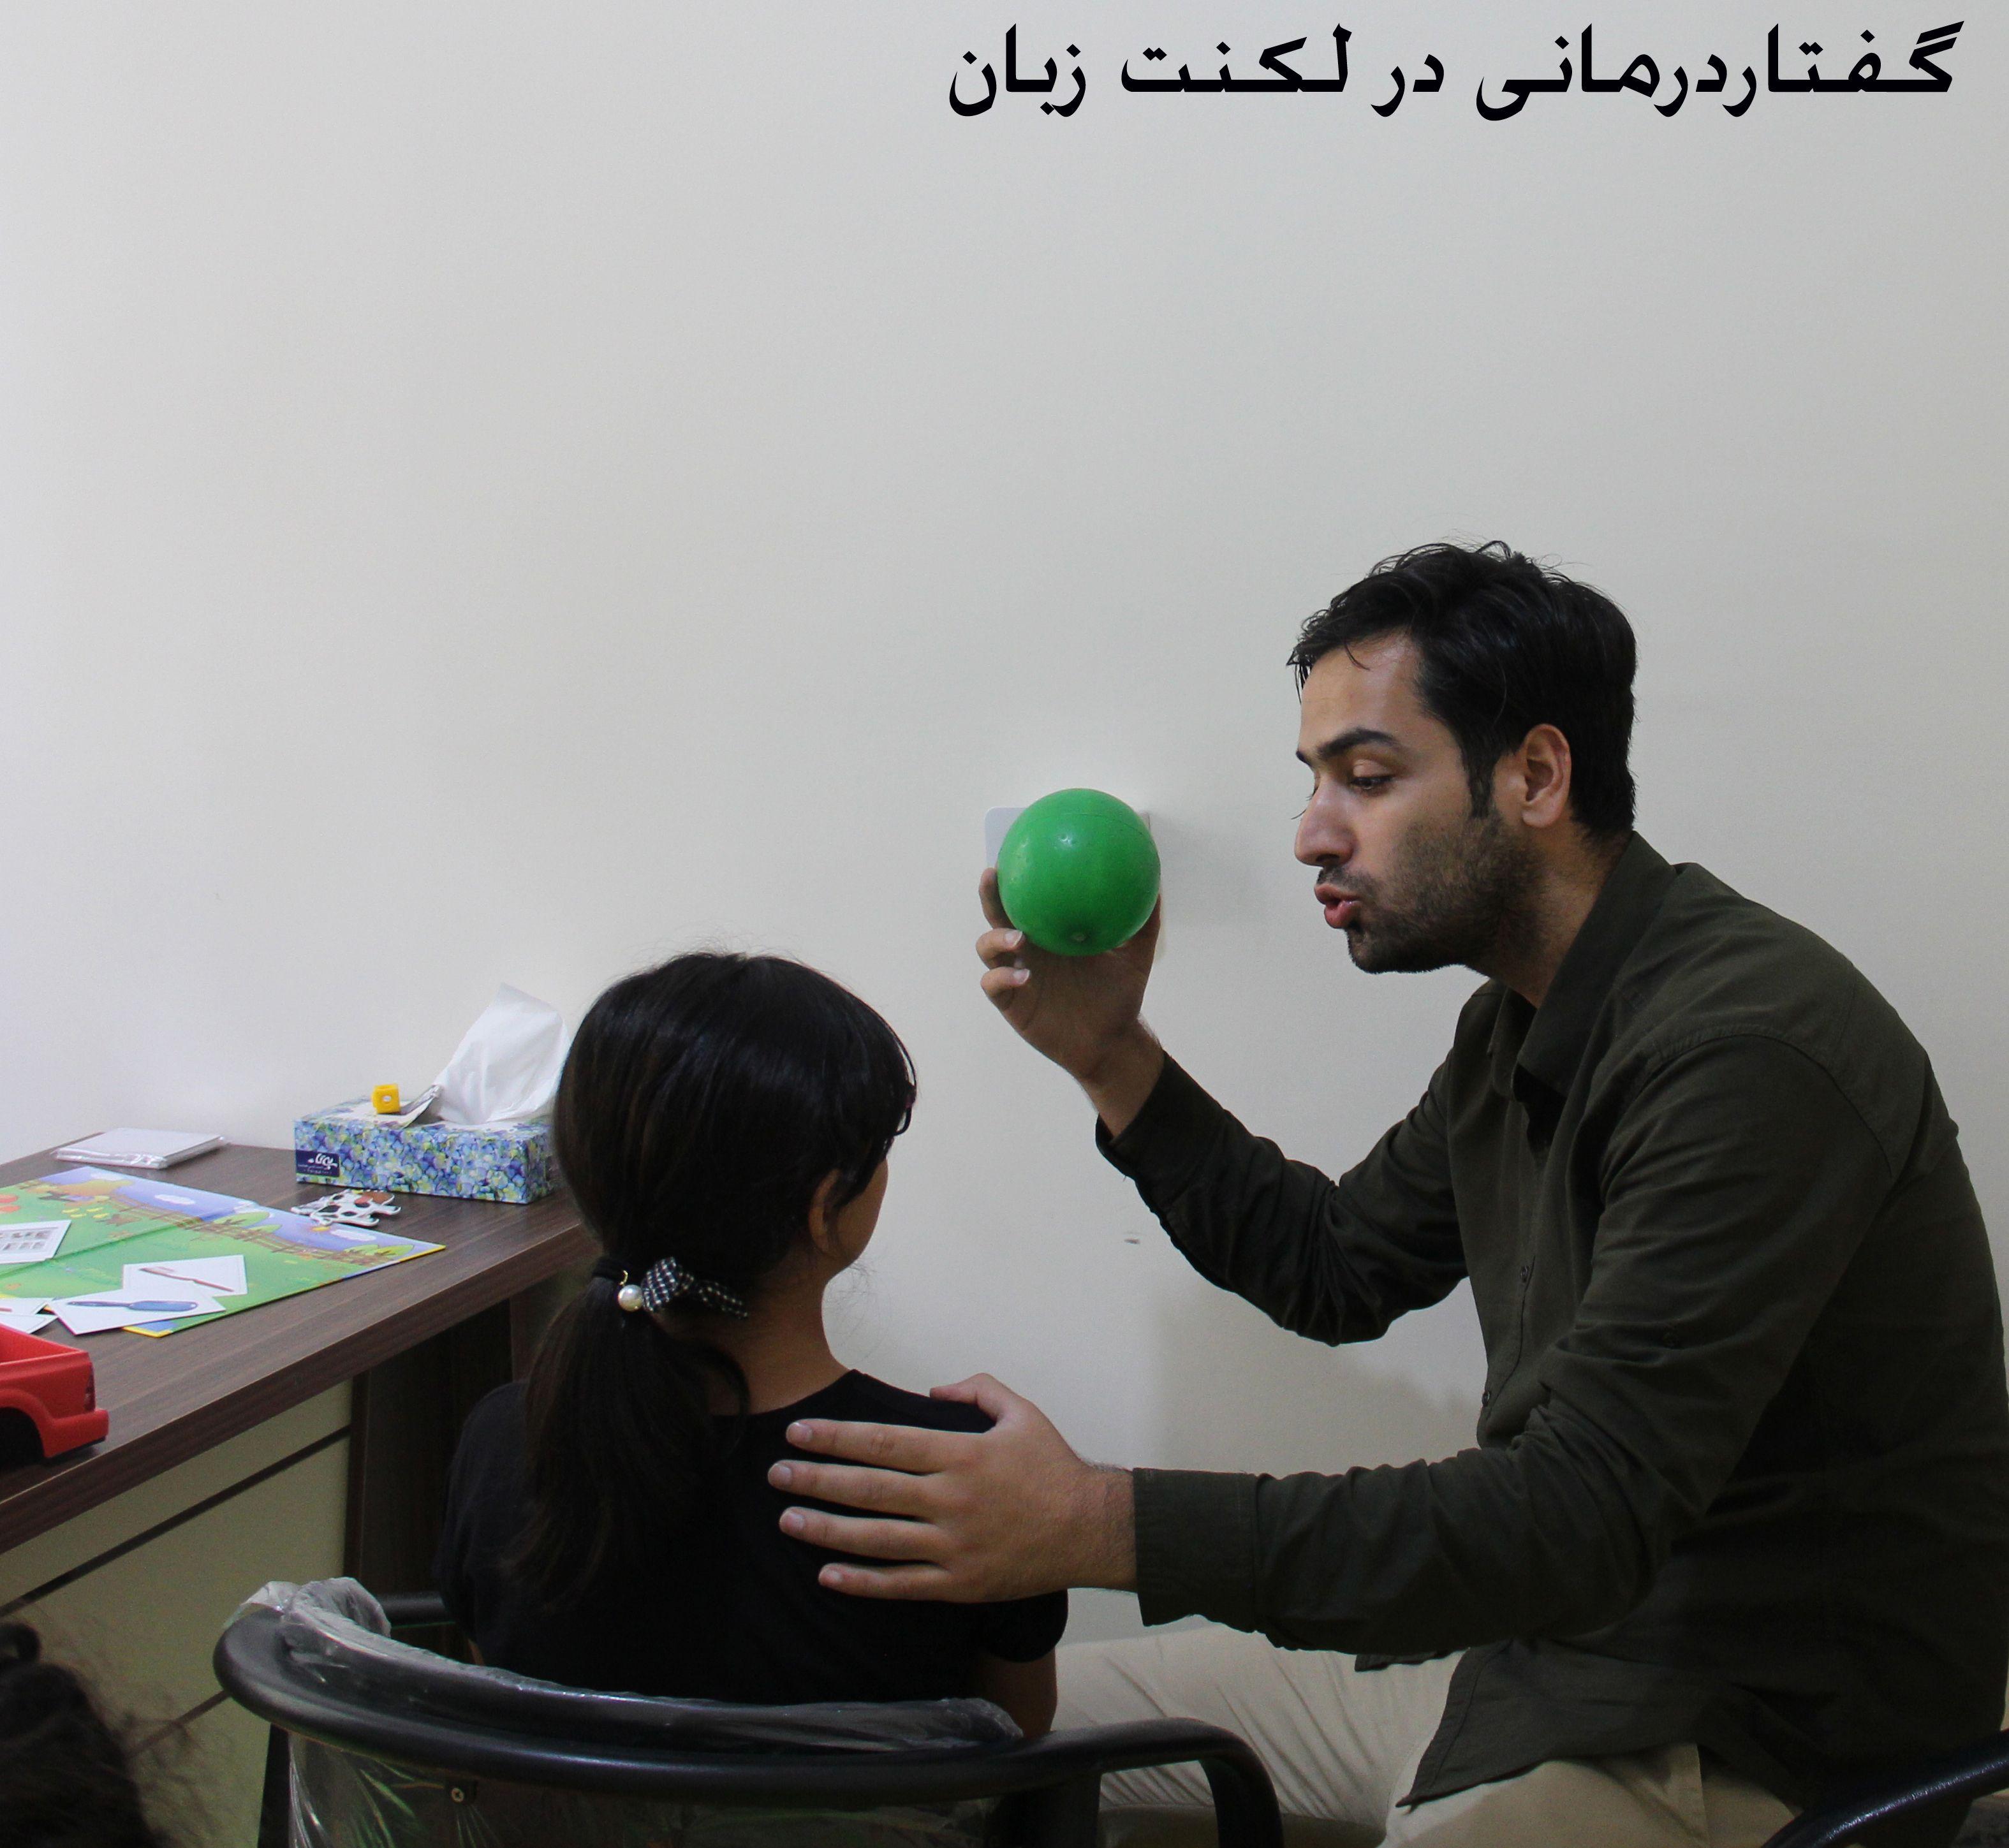 مرکز درمان لکنت زبان دکتر صابر